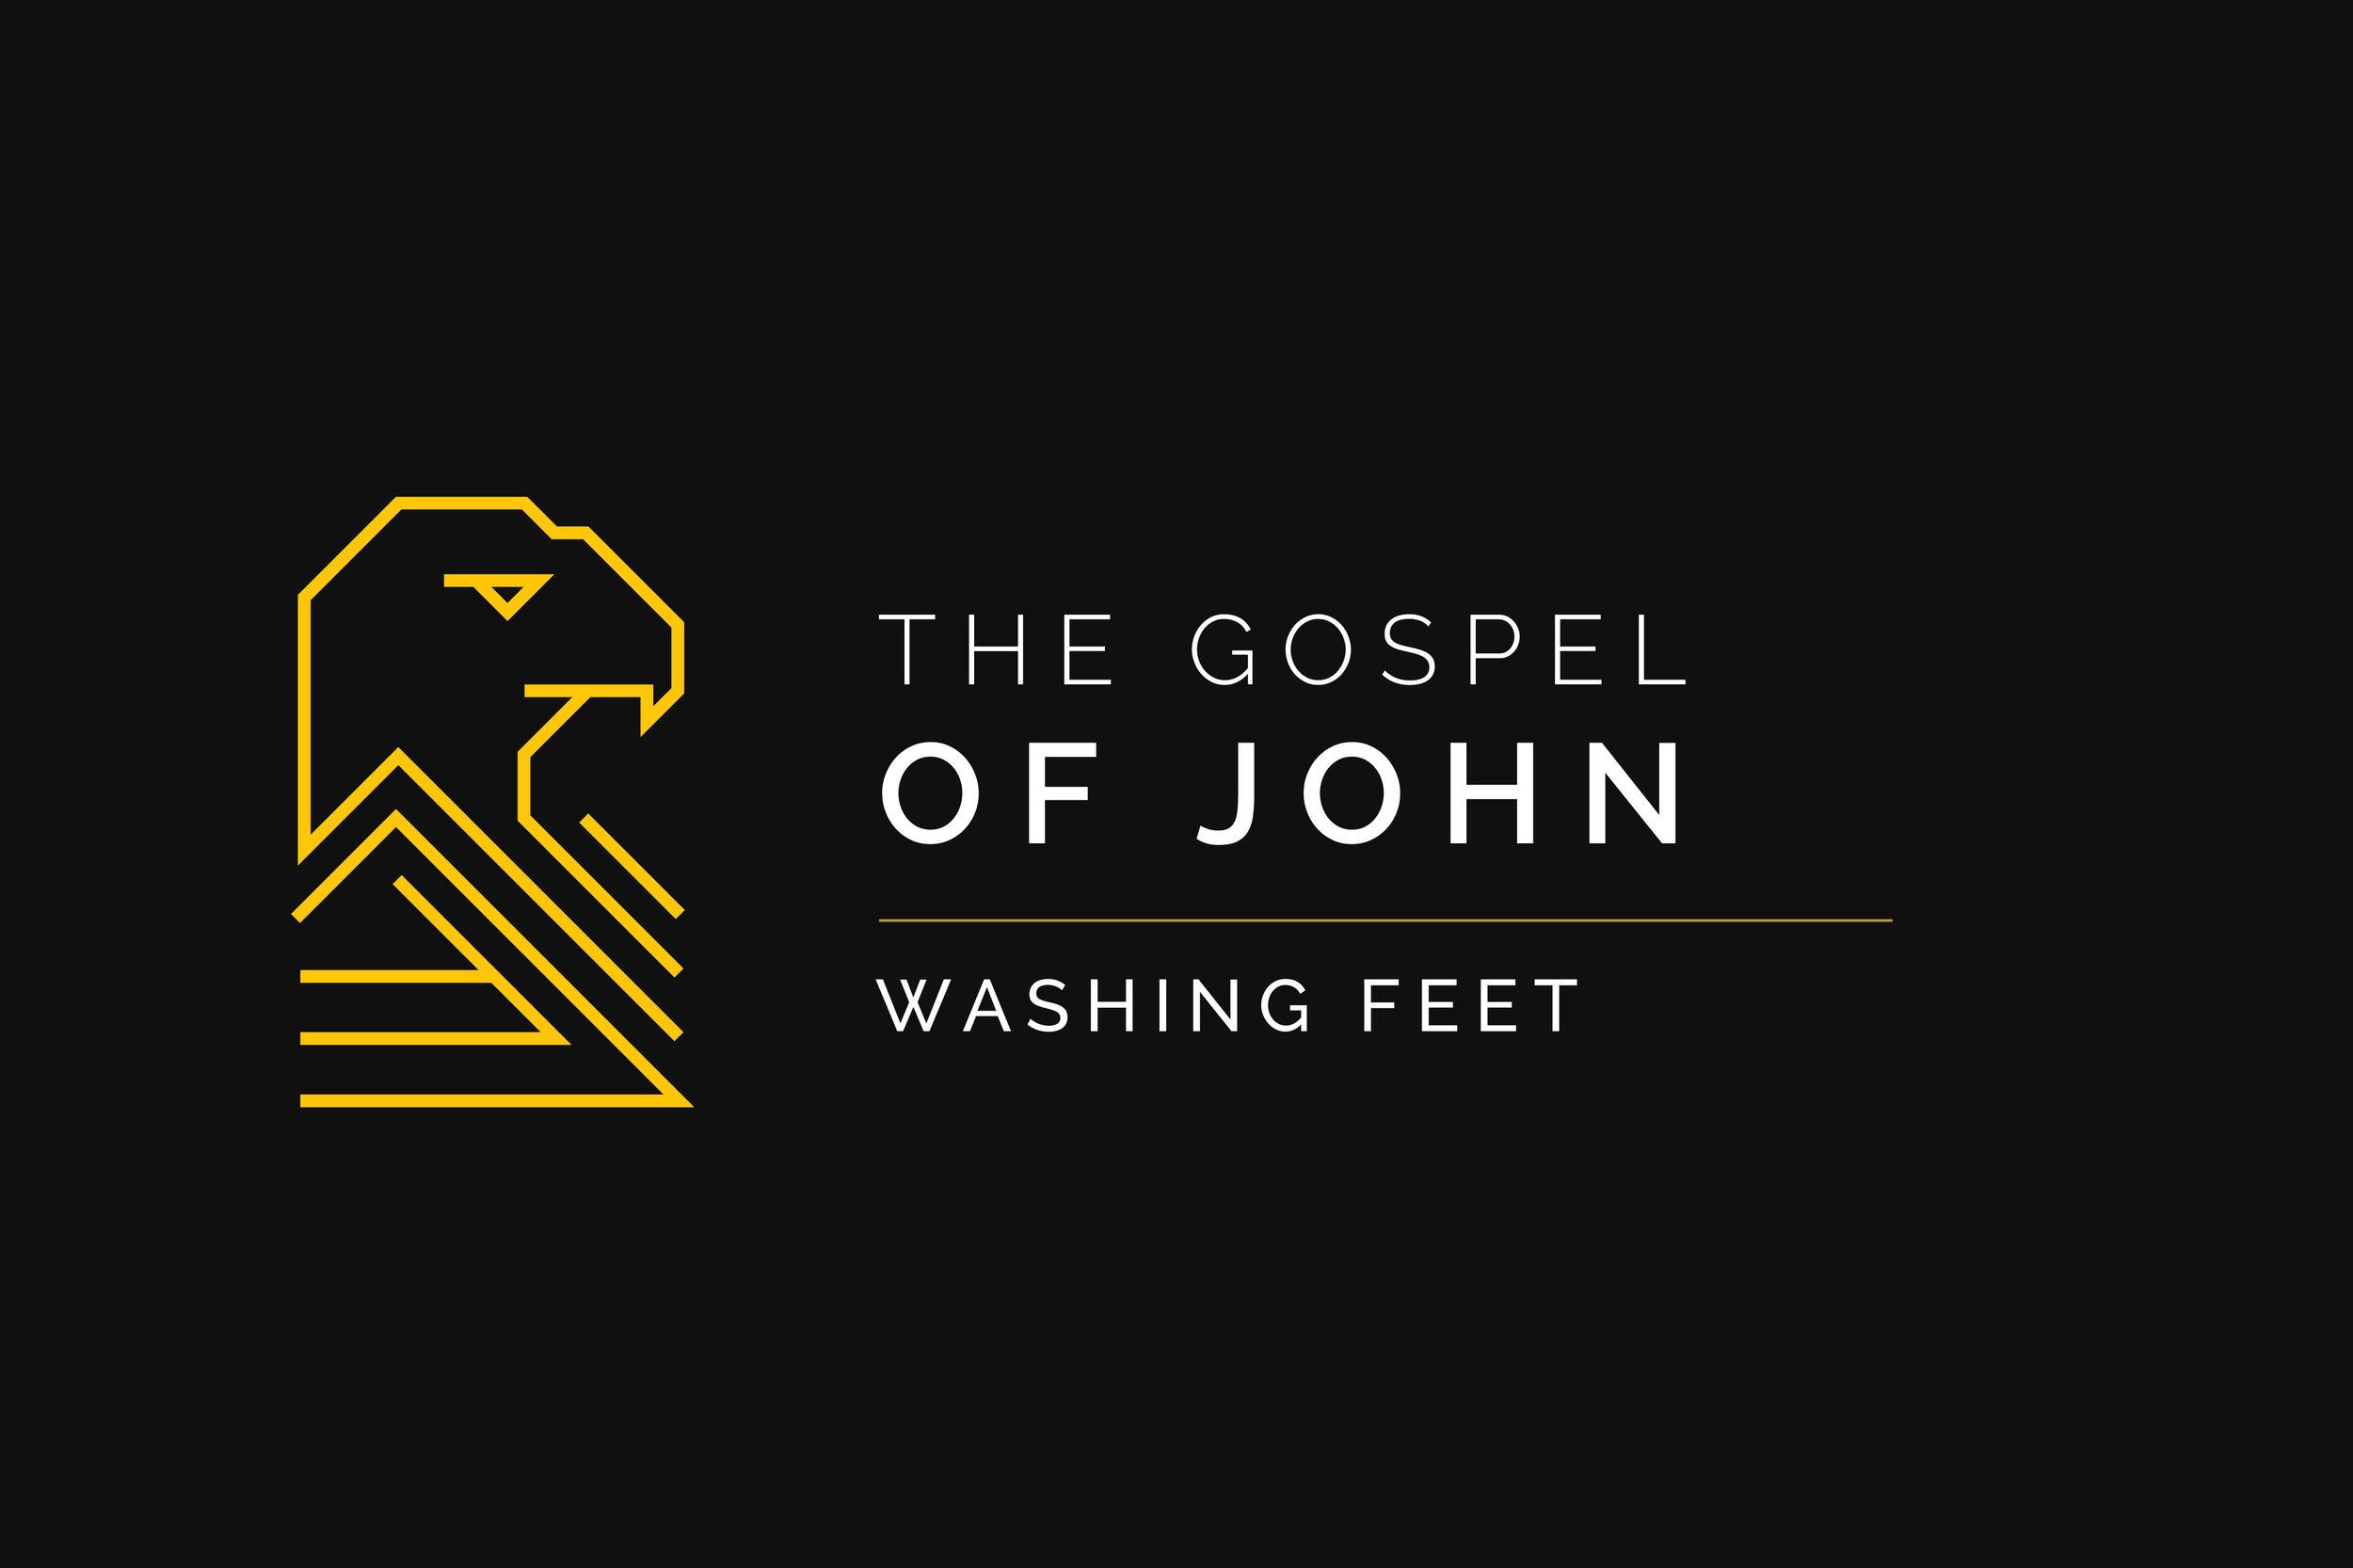 The-Gospel-of-John-Washing-Feet.jpg